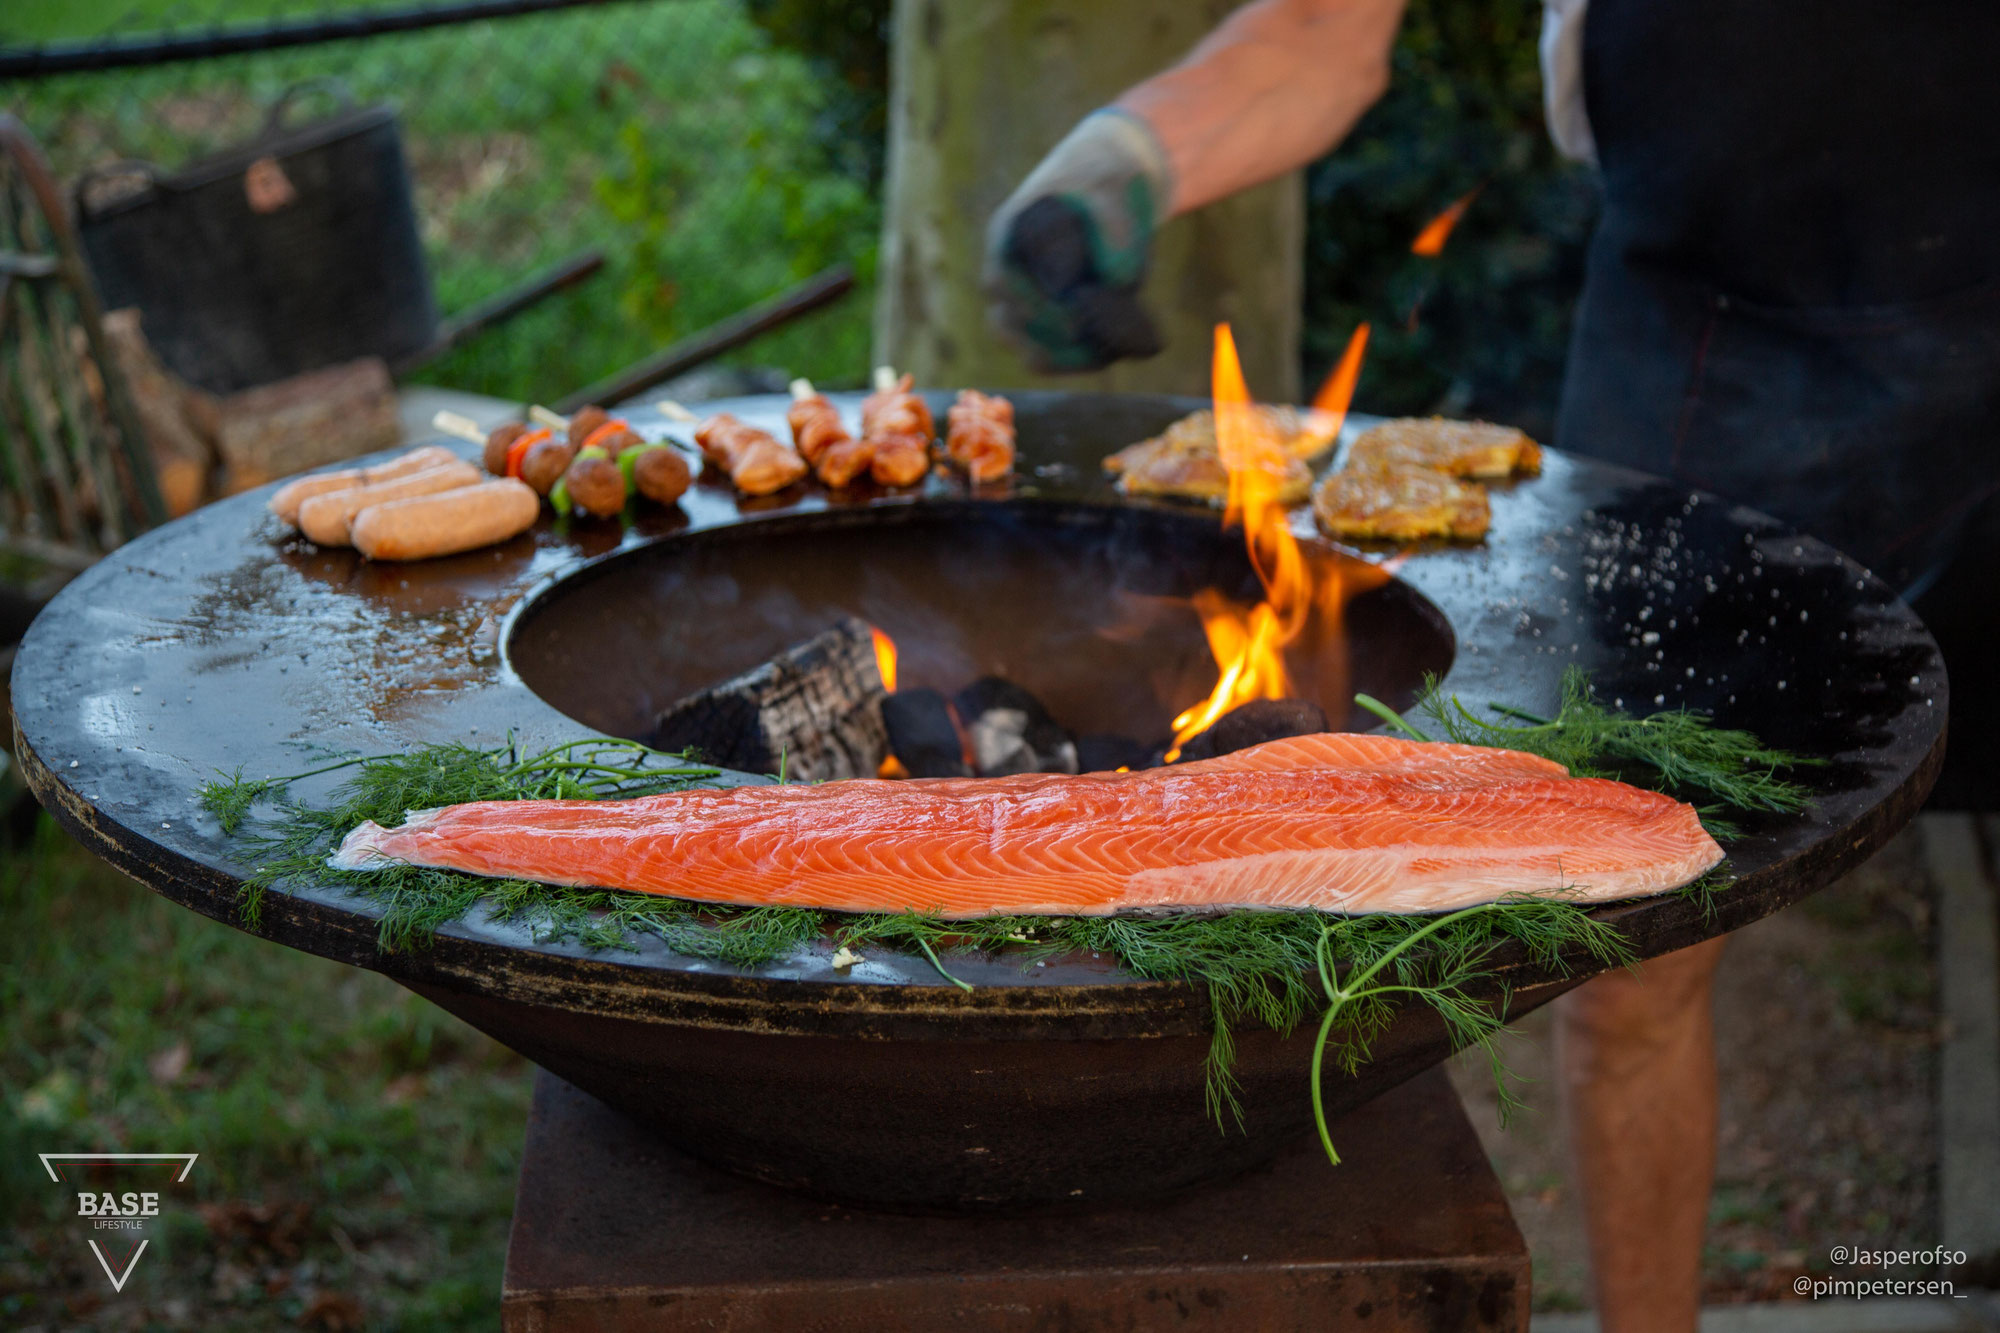 Onbezorgd genieten van je barbecue? 5 tips!